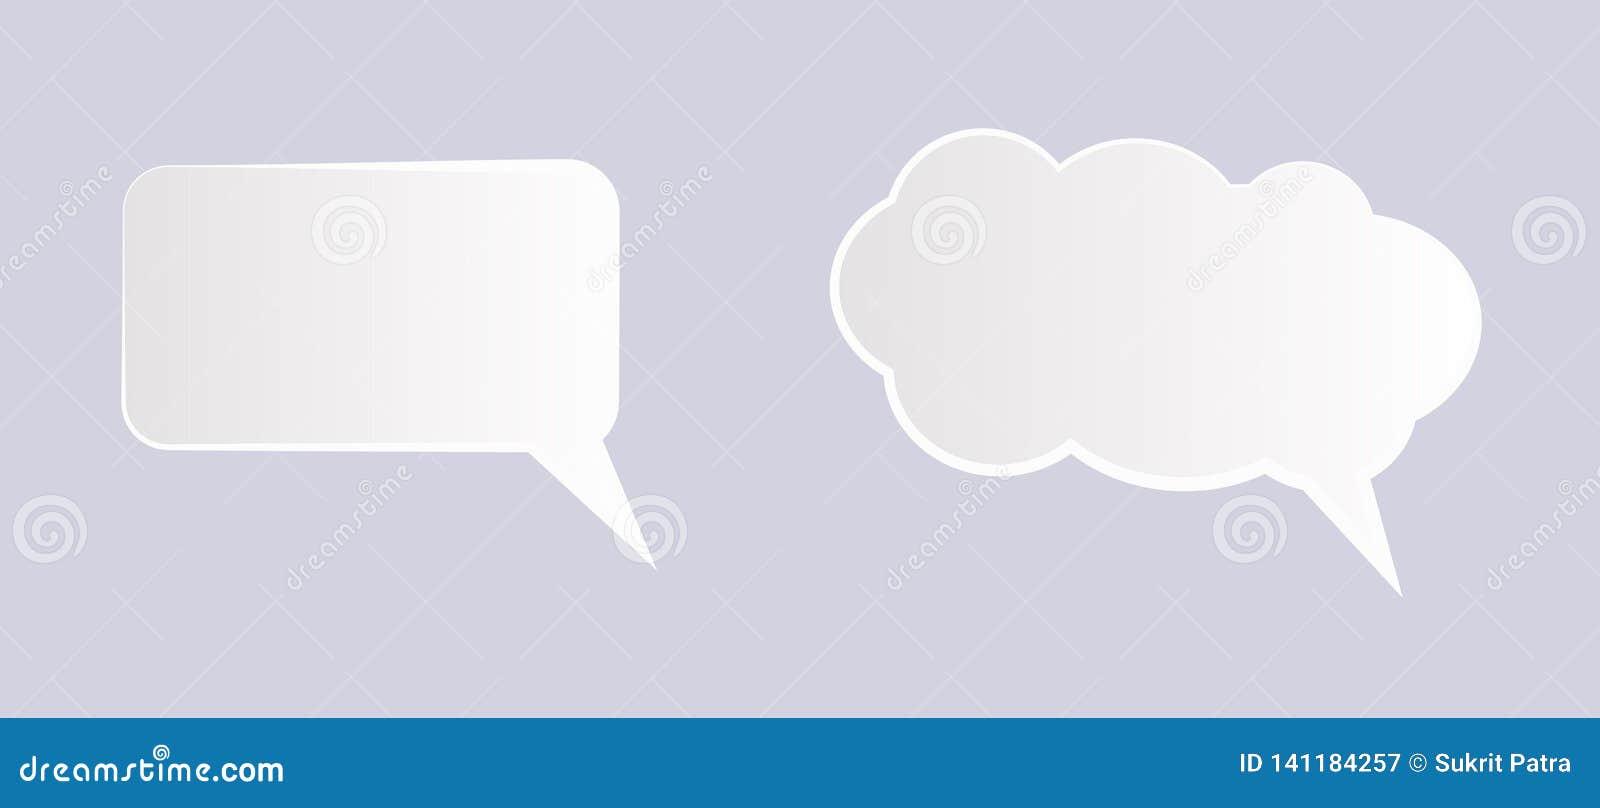 Icono del texto de la burbuja del discurso, ejemplo - vector